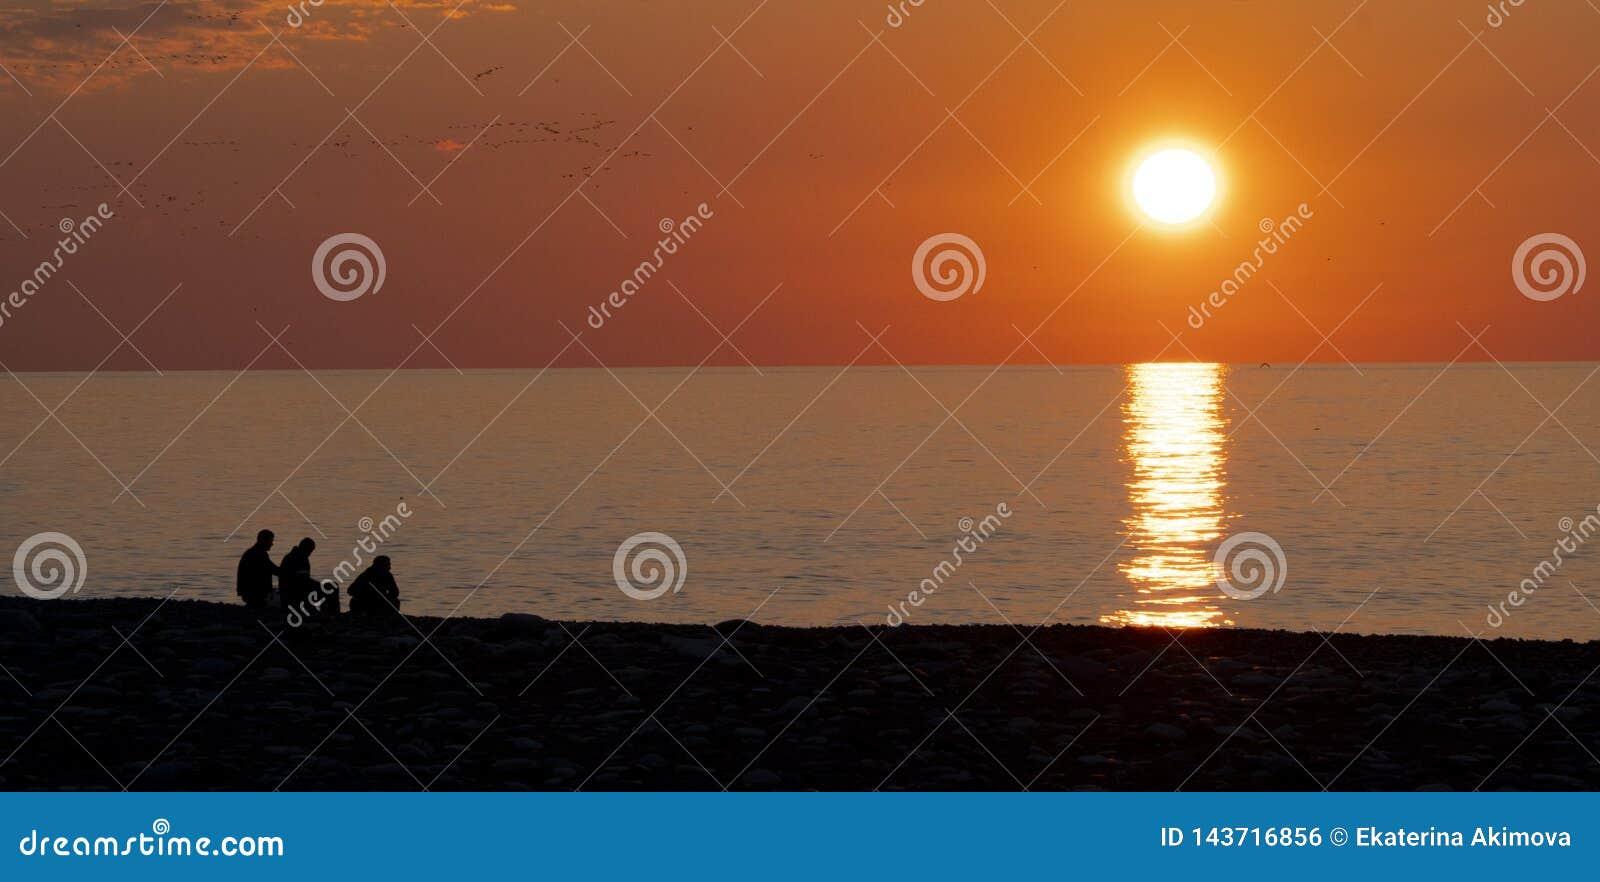 Leute auf dem Hintergrund des Sonnenuntergangs und das Meer auf der Ufergegend